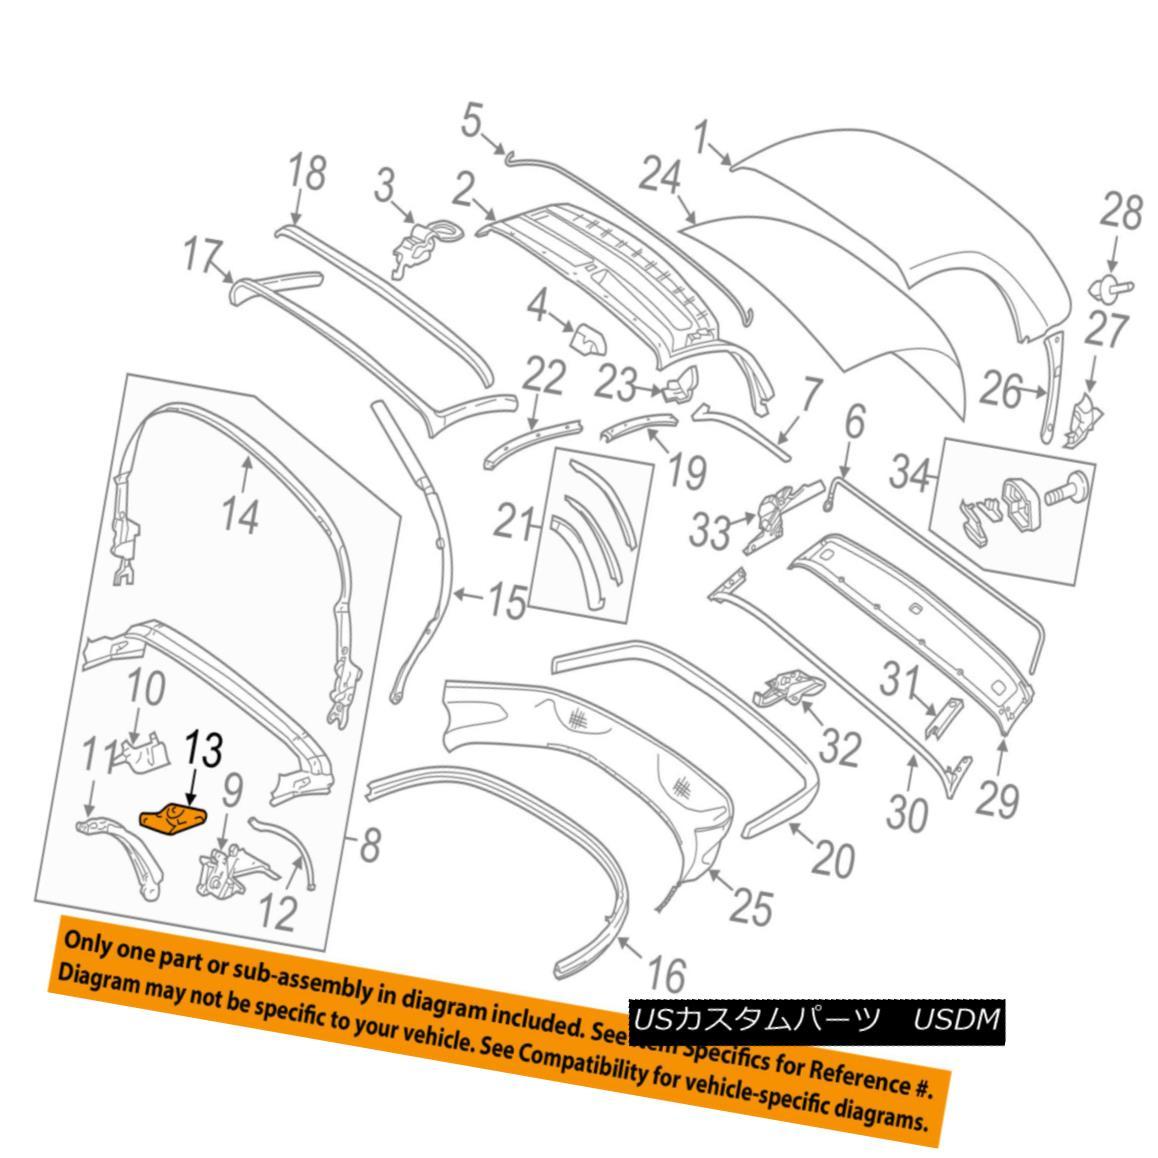 幌・ソフトトップ PORSCHE OEM 05-12 Boxster Convertible/soft Top-Lever Left 98756134500 PORSCHE OEM 05-12 Boxster Convertible / so ftトップレバー左98756134500